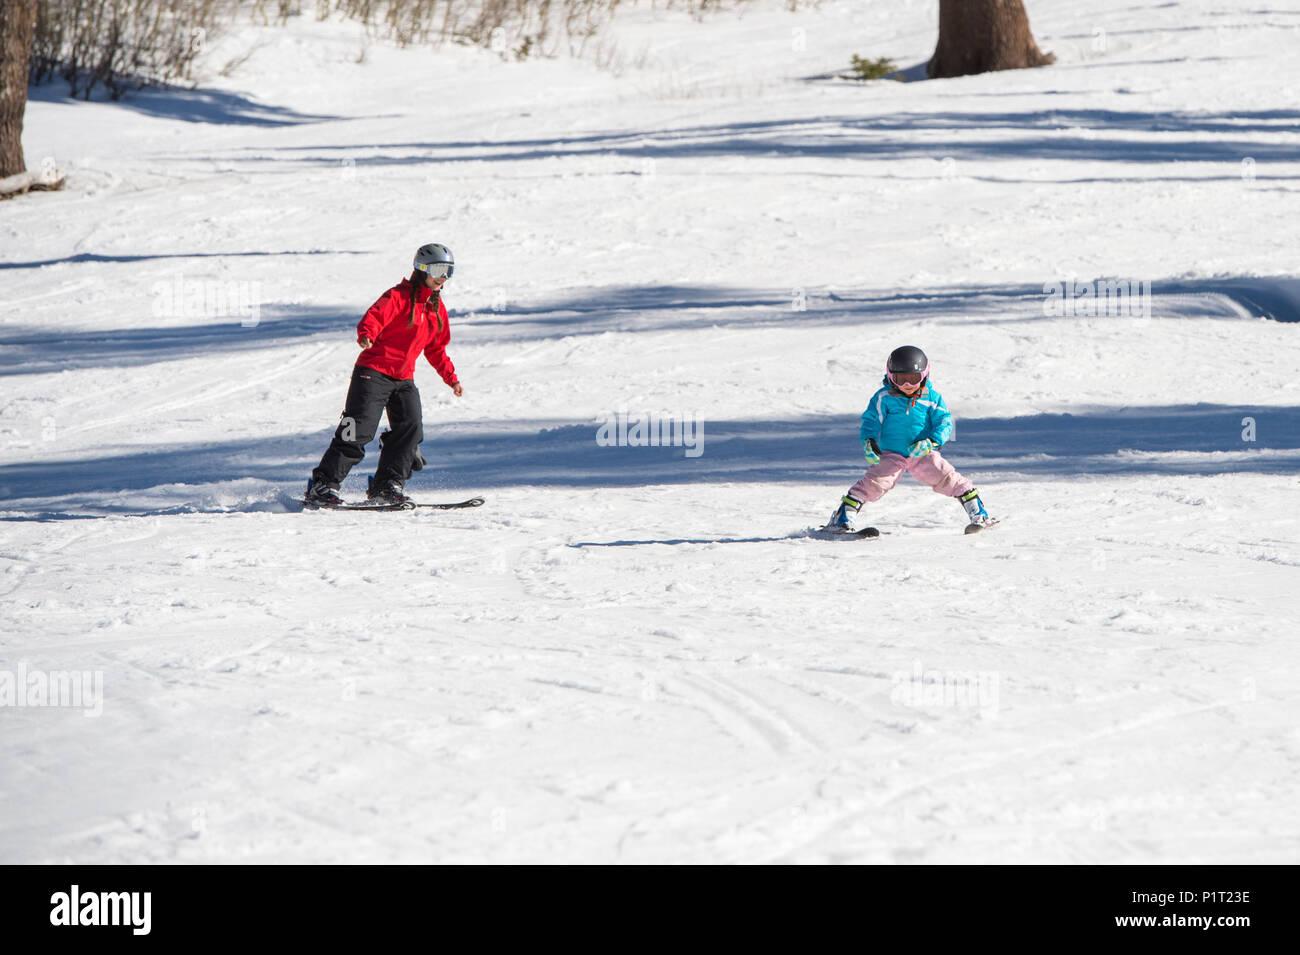 L'enseignement à de jeunes mère fille du ski à Squaw Valley Ski Resort en Californie, en Amérique du Nord. Photo Stock